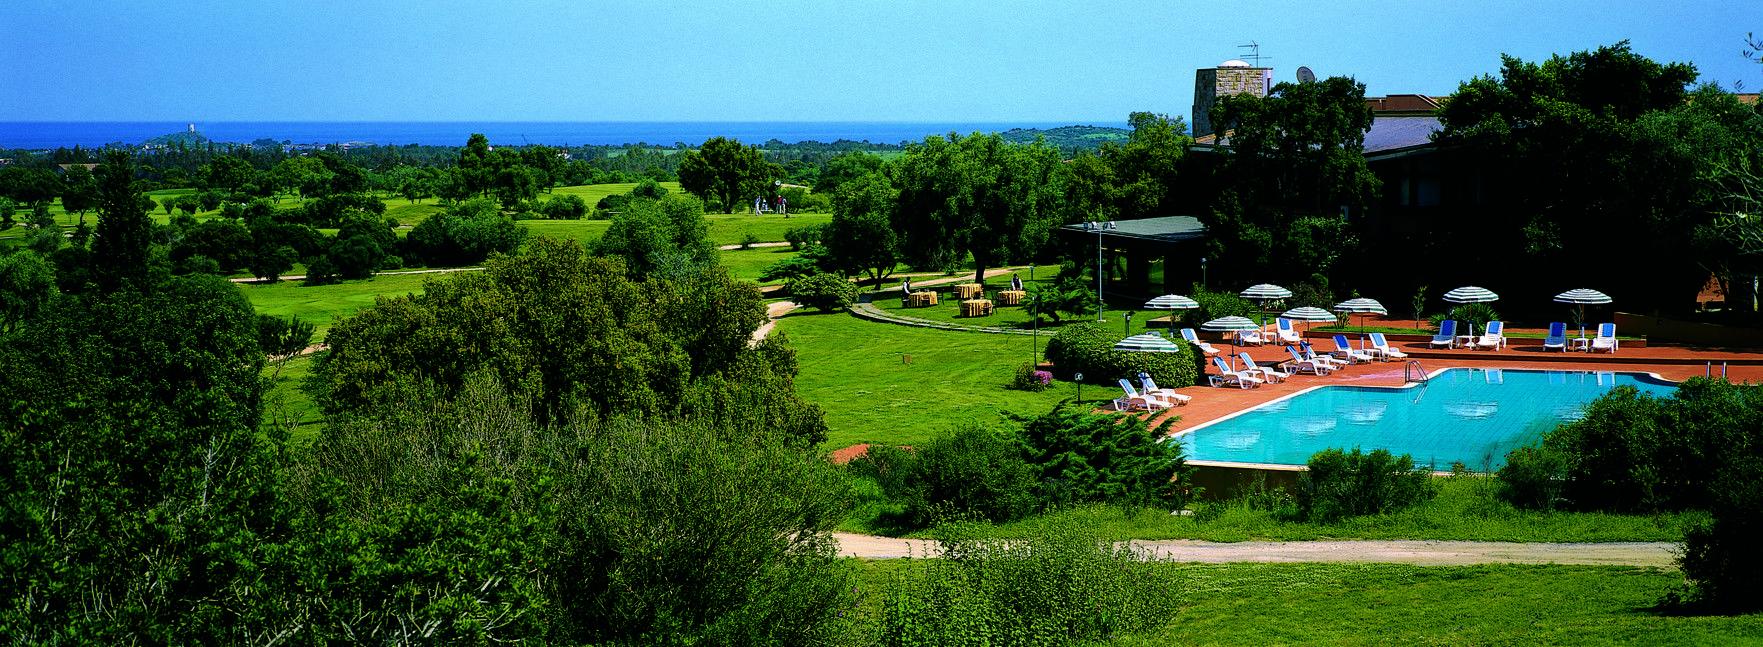 Circolo golf is molas cover picture